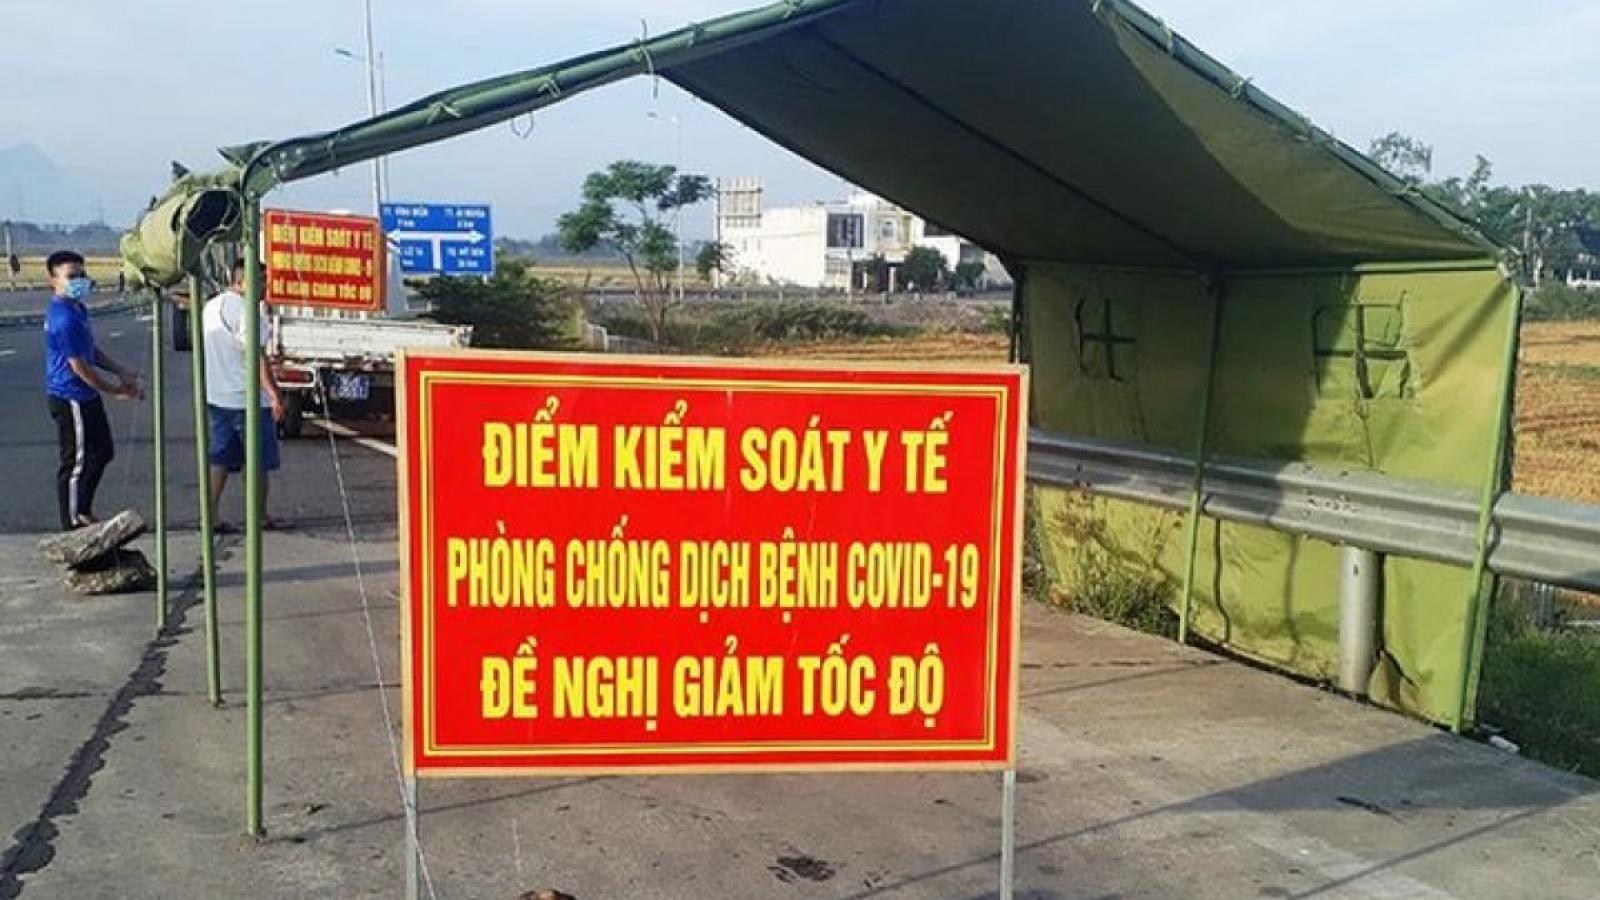 Người từ Hà Nội về Hưng Yên phải có giấy xét nghiệm âm tính với SARS-CoV-2